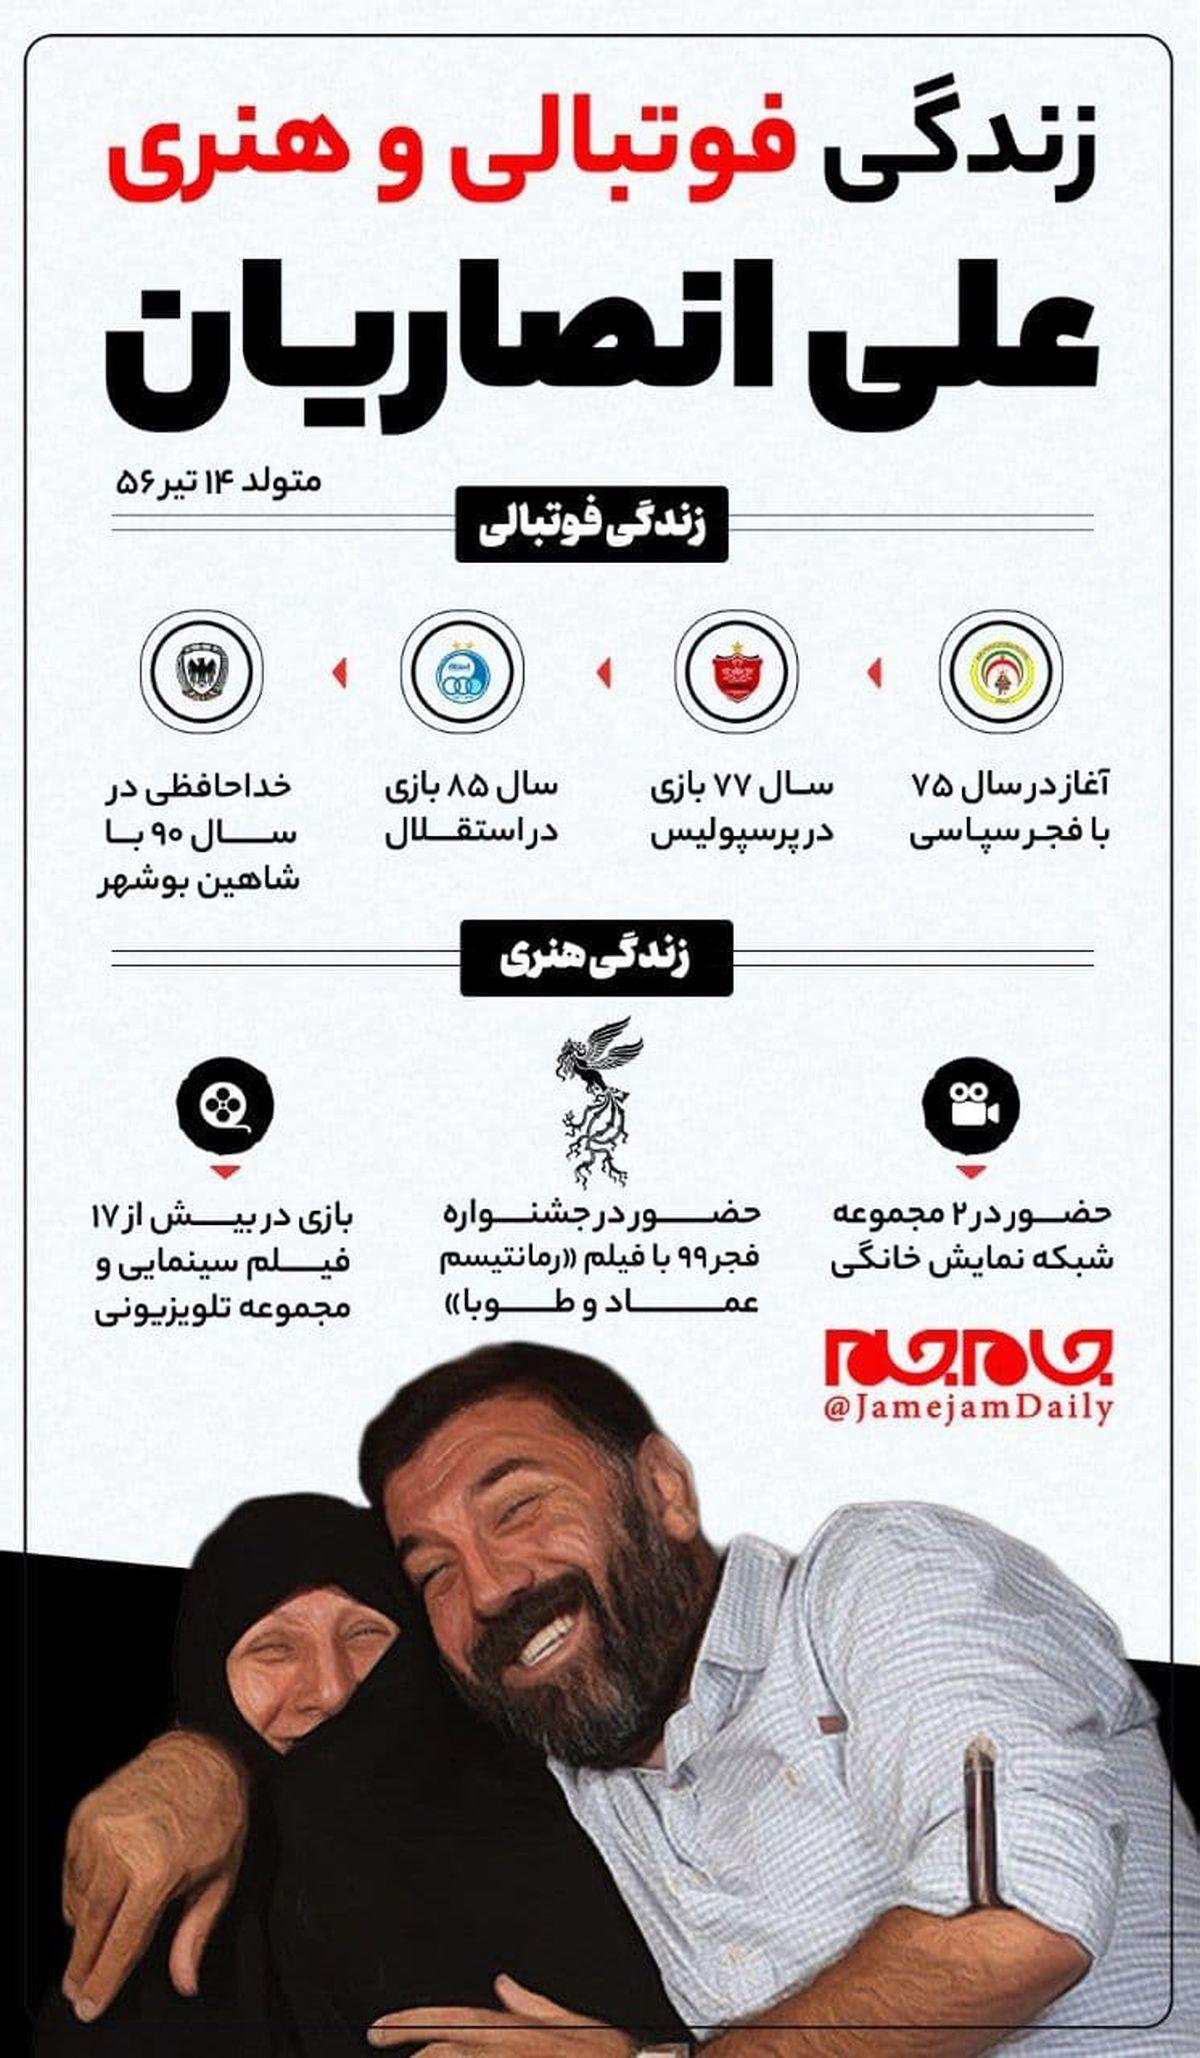 زندگی فوتبالی و هنری مرحوم علی انصاریان+اینفوگرافیک